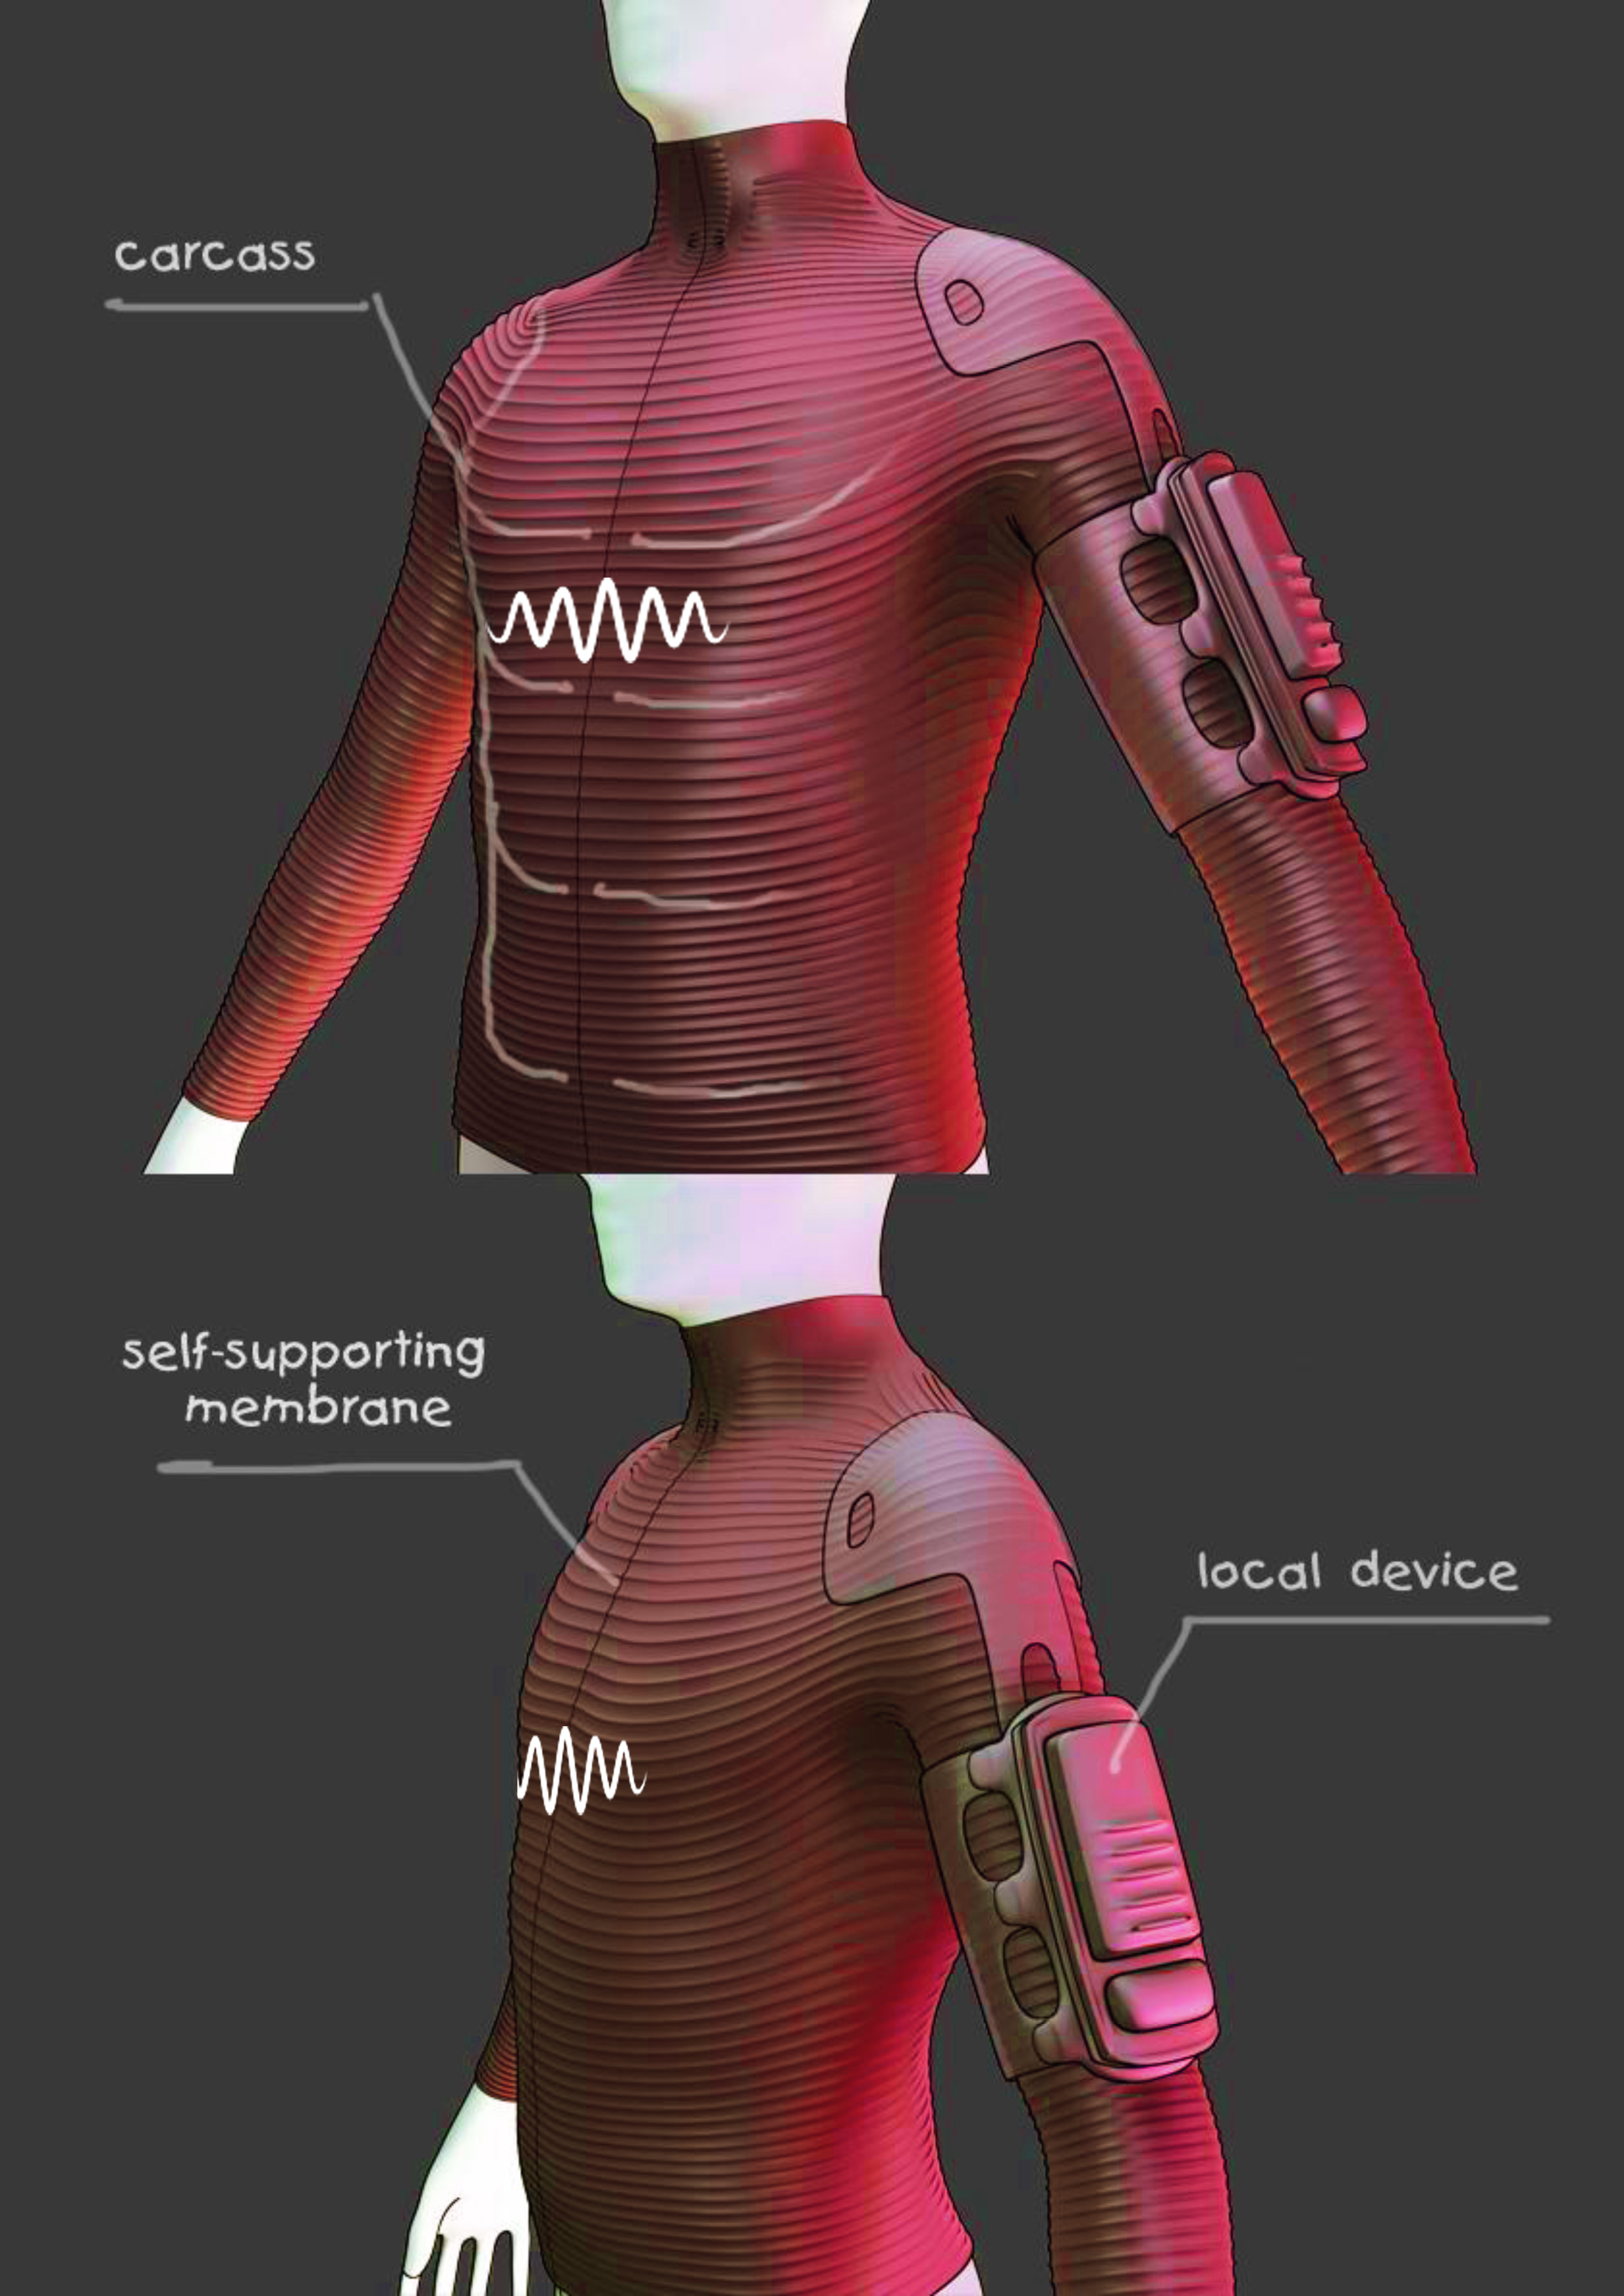 Костюм виртуальной реальности, который позволяет почувствовать теплый бриз или пулю